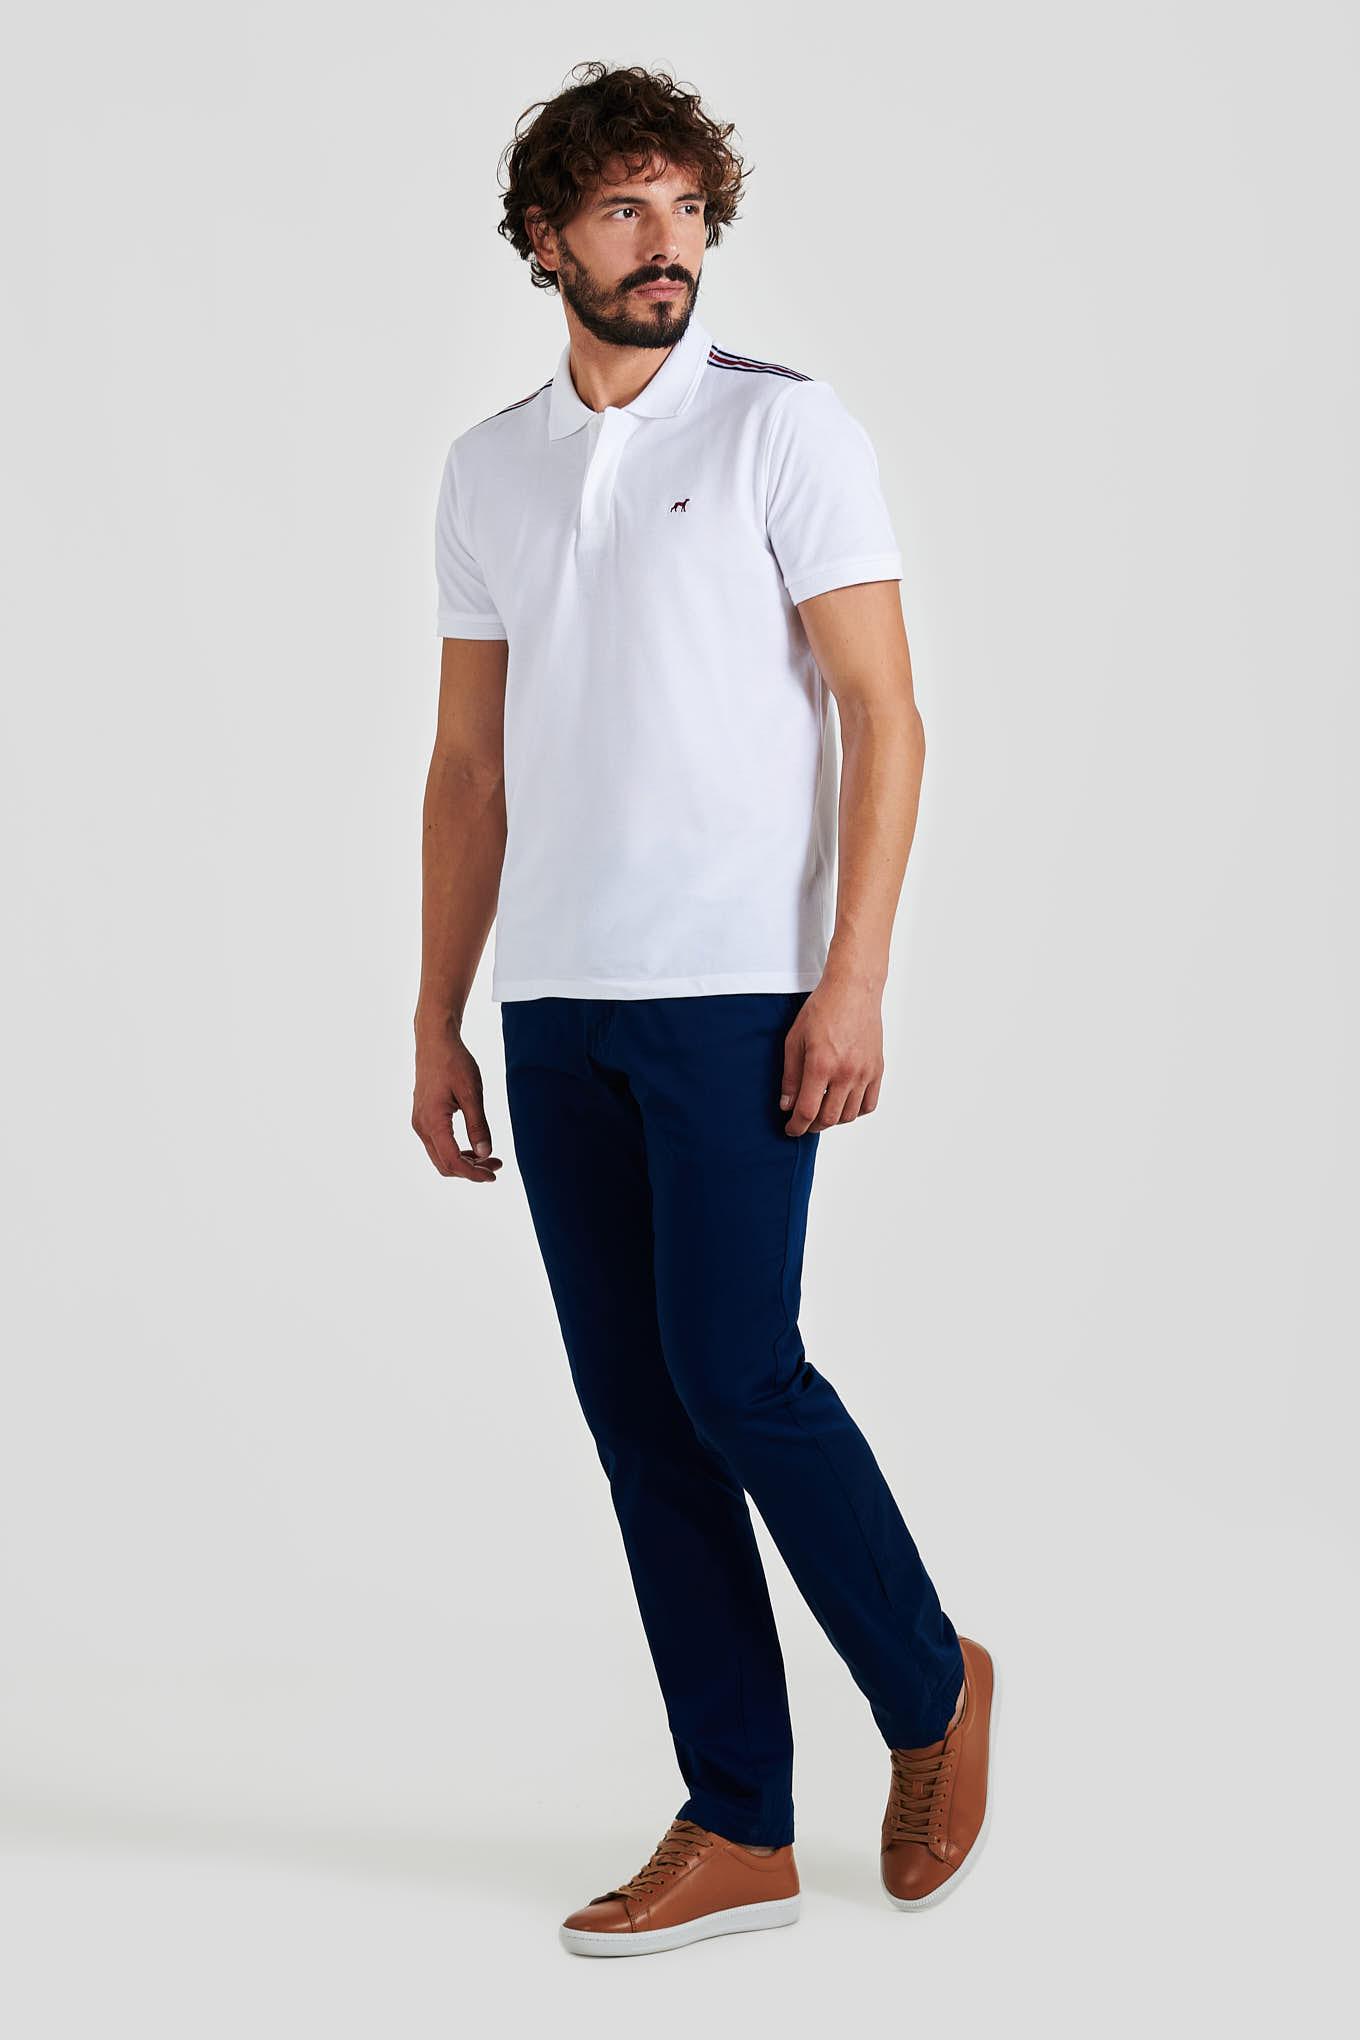 Polo Piquet White Casual Man